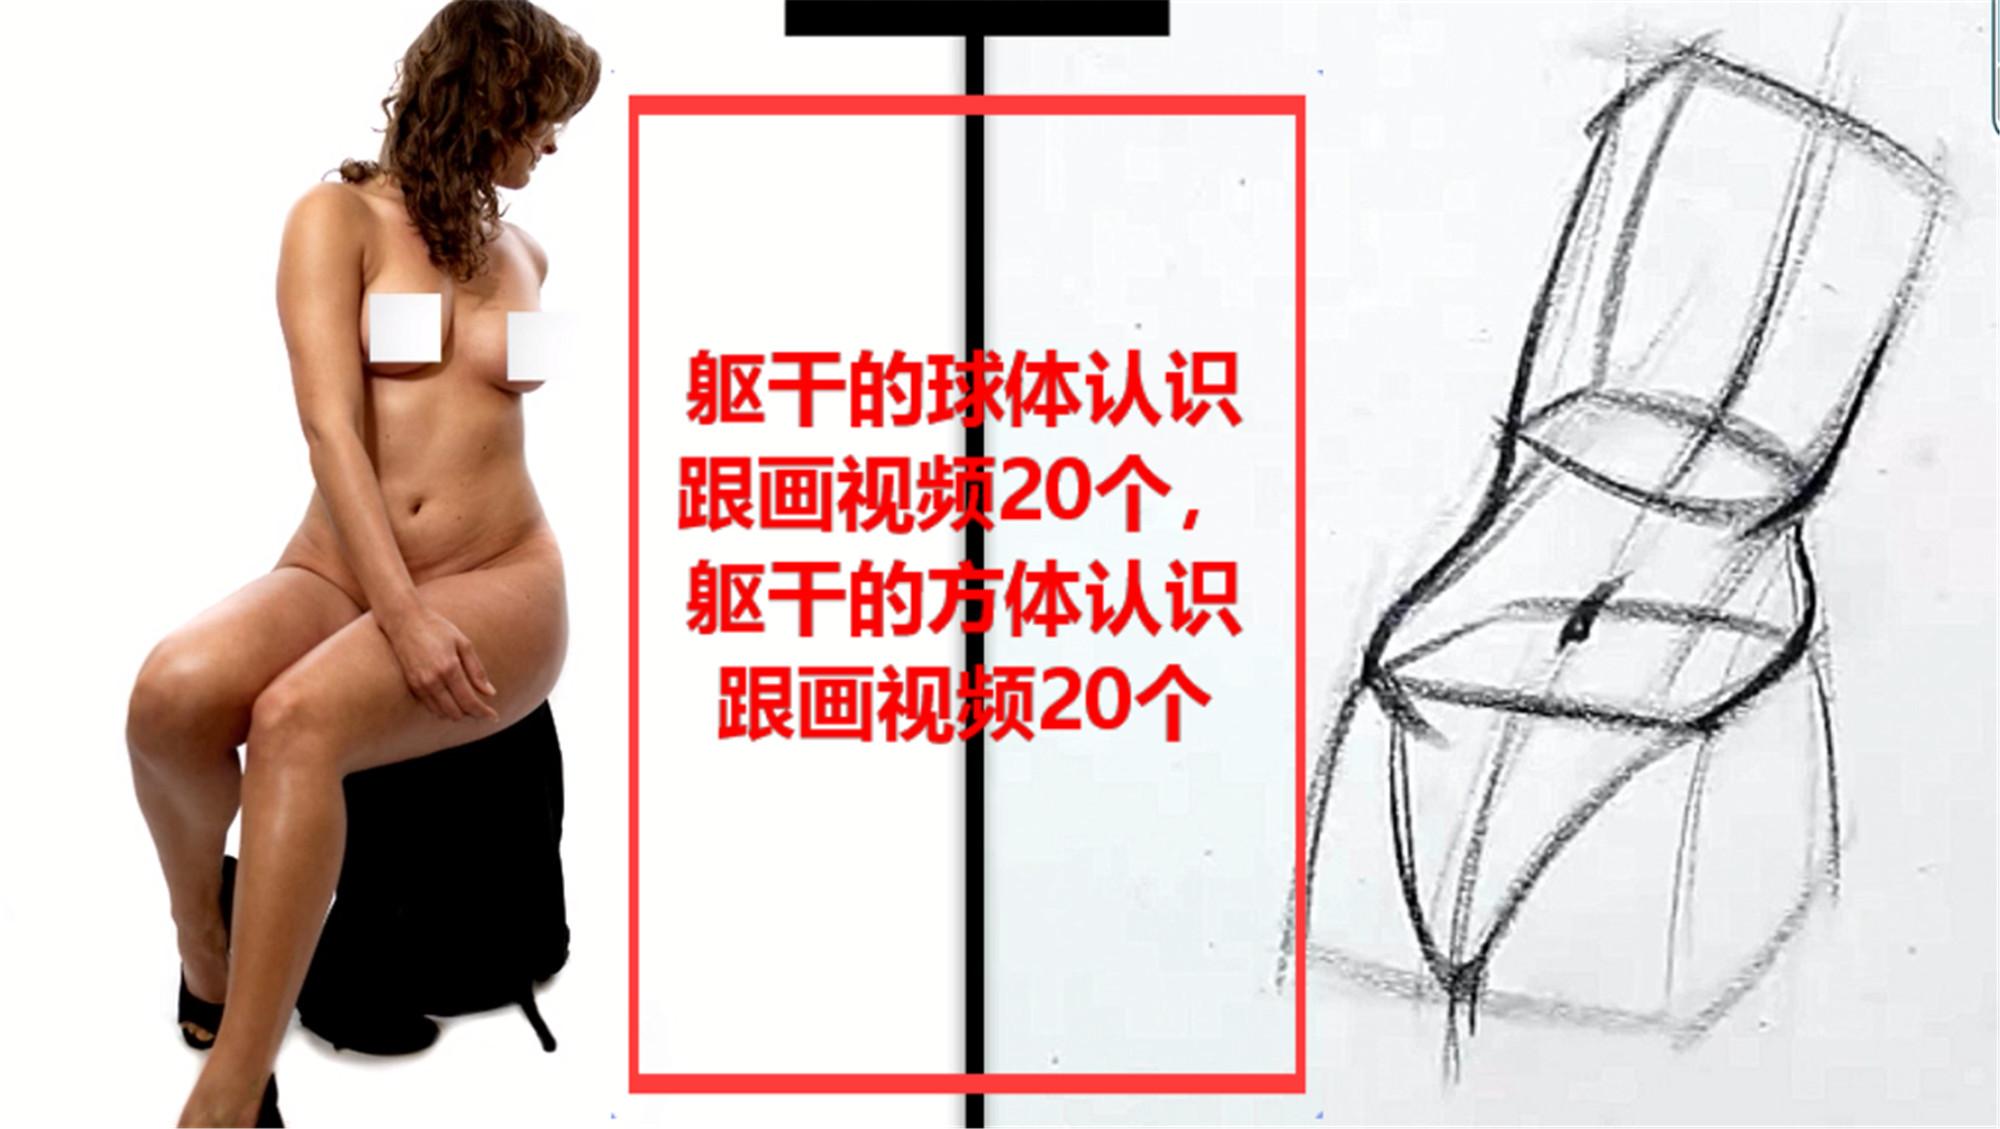 第1章:速写普及课  第4节:身体躯干的结构体面认识  【必修作业】